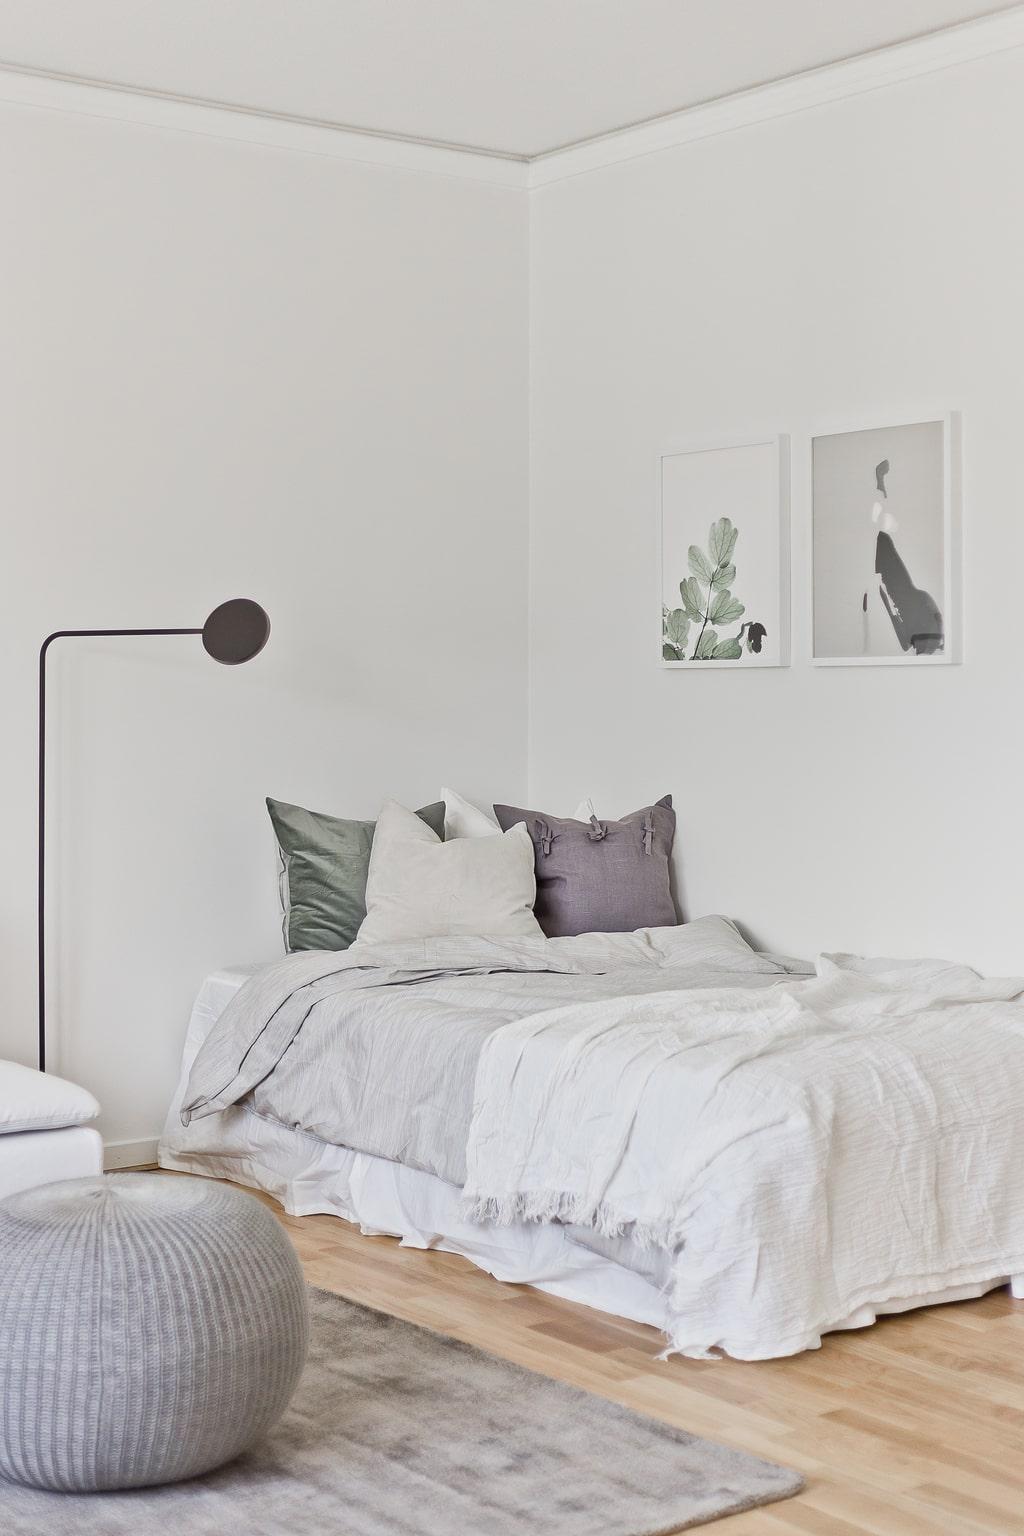 ljust sovrum med bäddad säng, ljusa tavlor, svart golvlampa och grå sittpuff